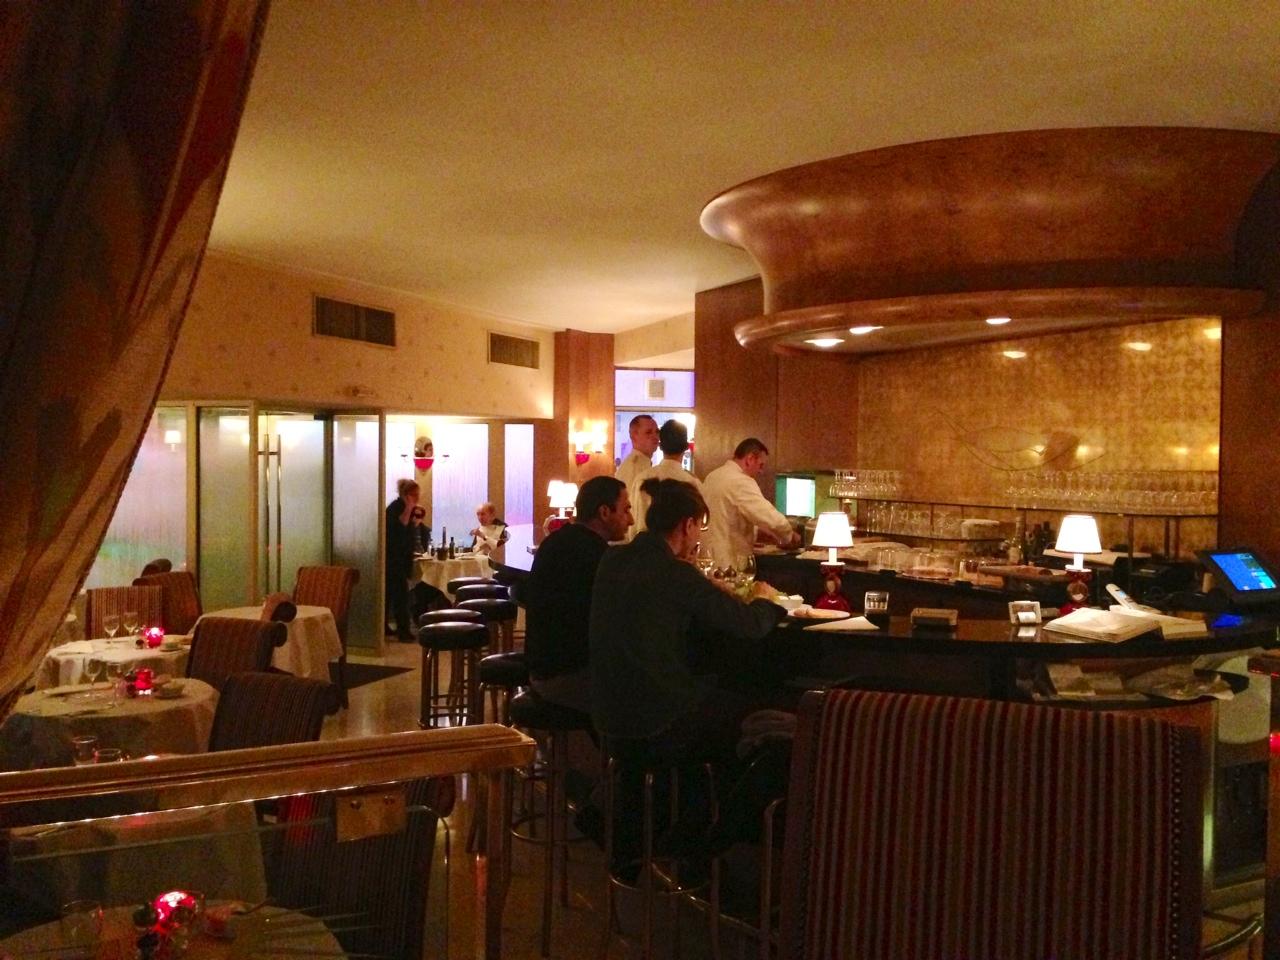 Restaurant la maison du caviar agent luxe blog - Maison du caviar paris ...